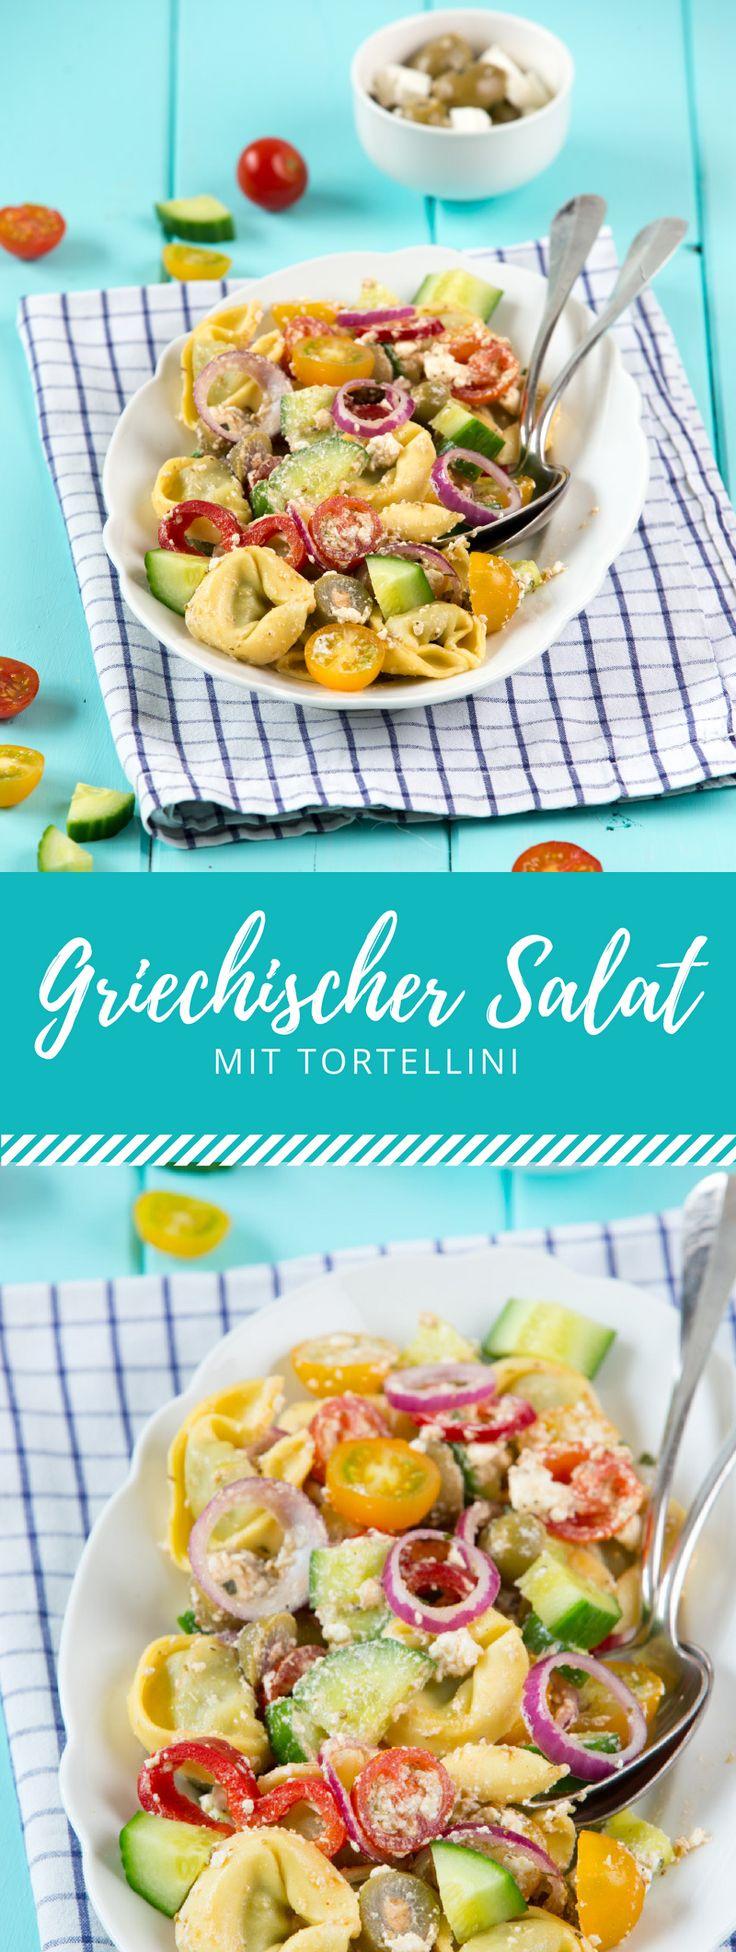 Italien trifft Griechenland. Dieser Tortellini Salat Greek Style bringt dir das griechische Lebensgefühl direkt nach Hause. Zudem ist es auch noch ein ganz leichtes und schnell gezaubertes Rezept!